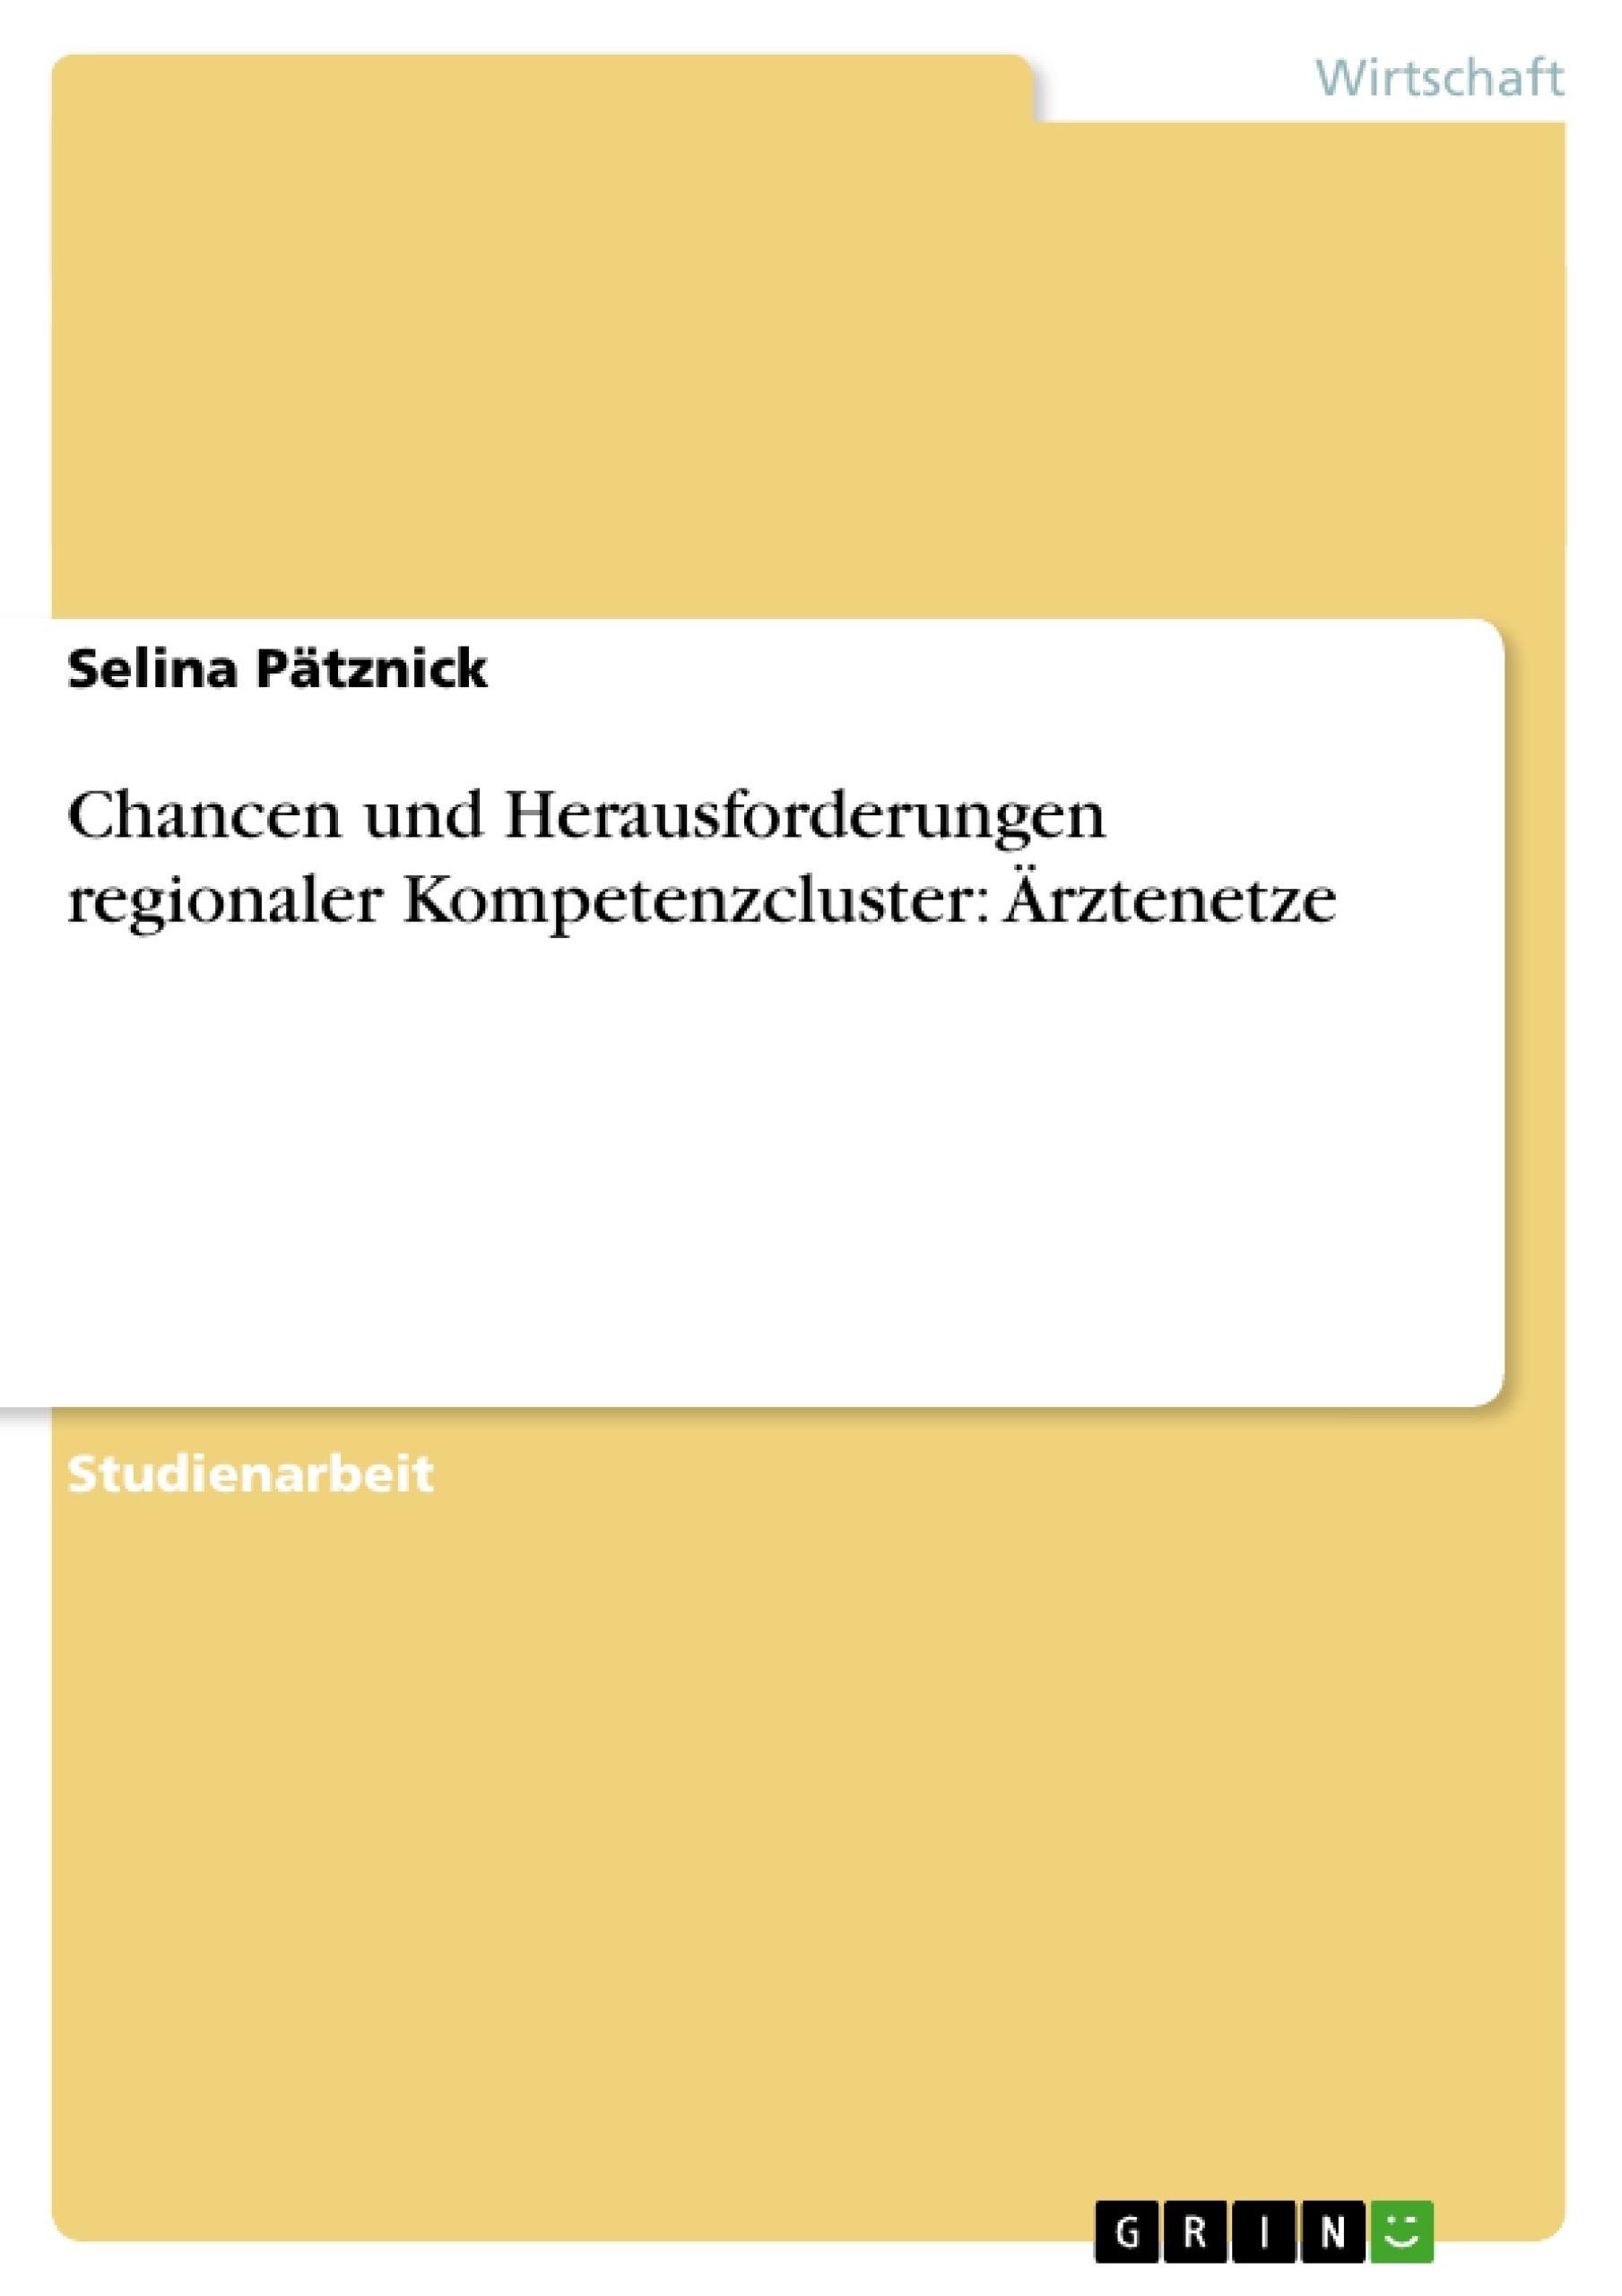 Titel: Chancen und Herausforderungen regionaler Kompetenzcluster: Ärztenetze